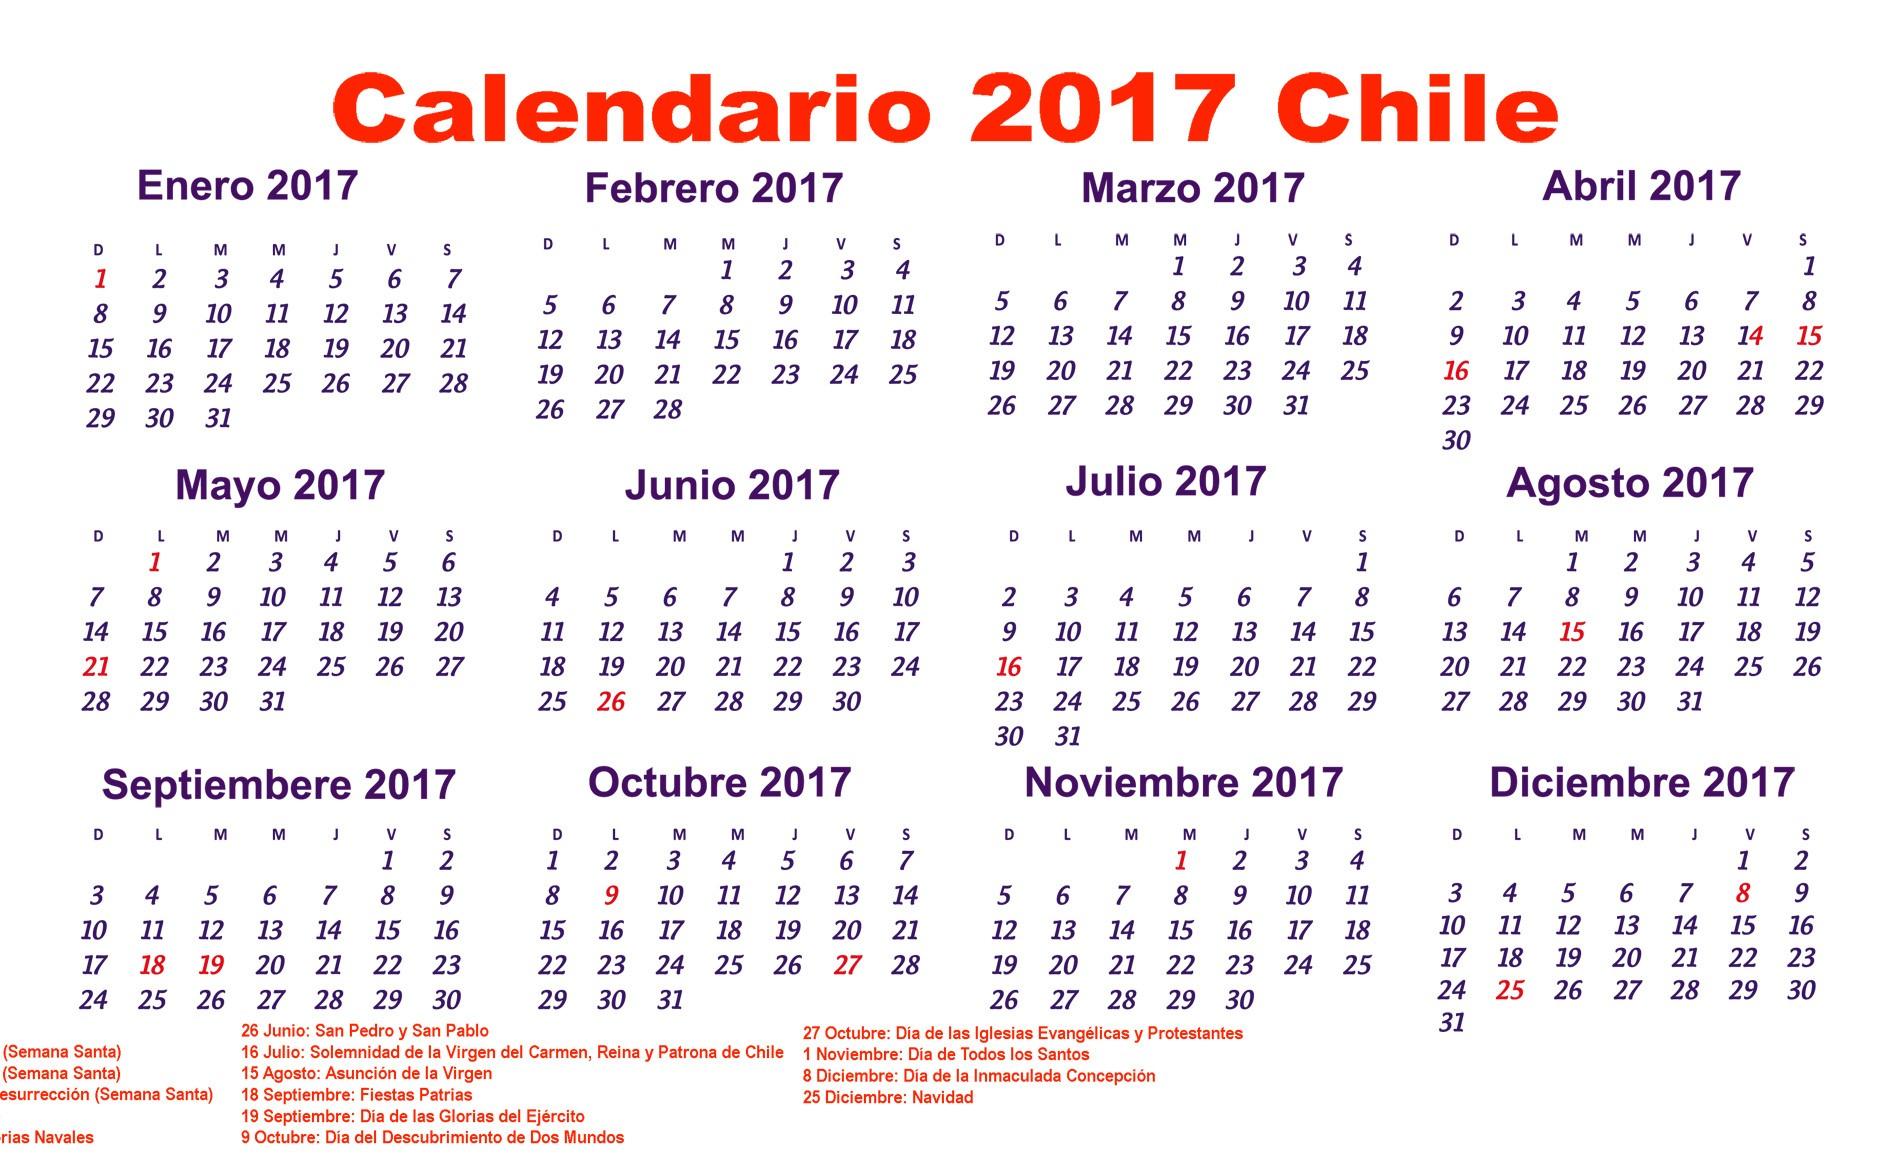 calendario chile para imprimir